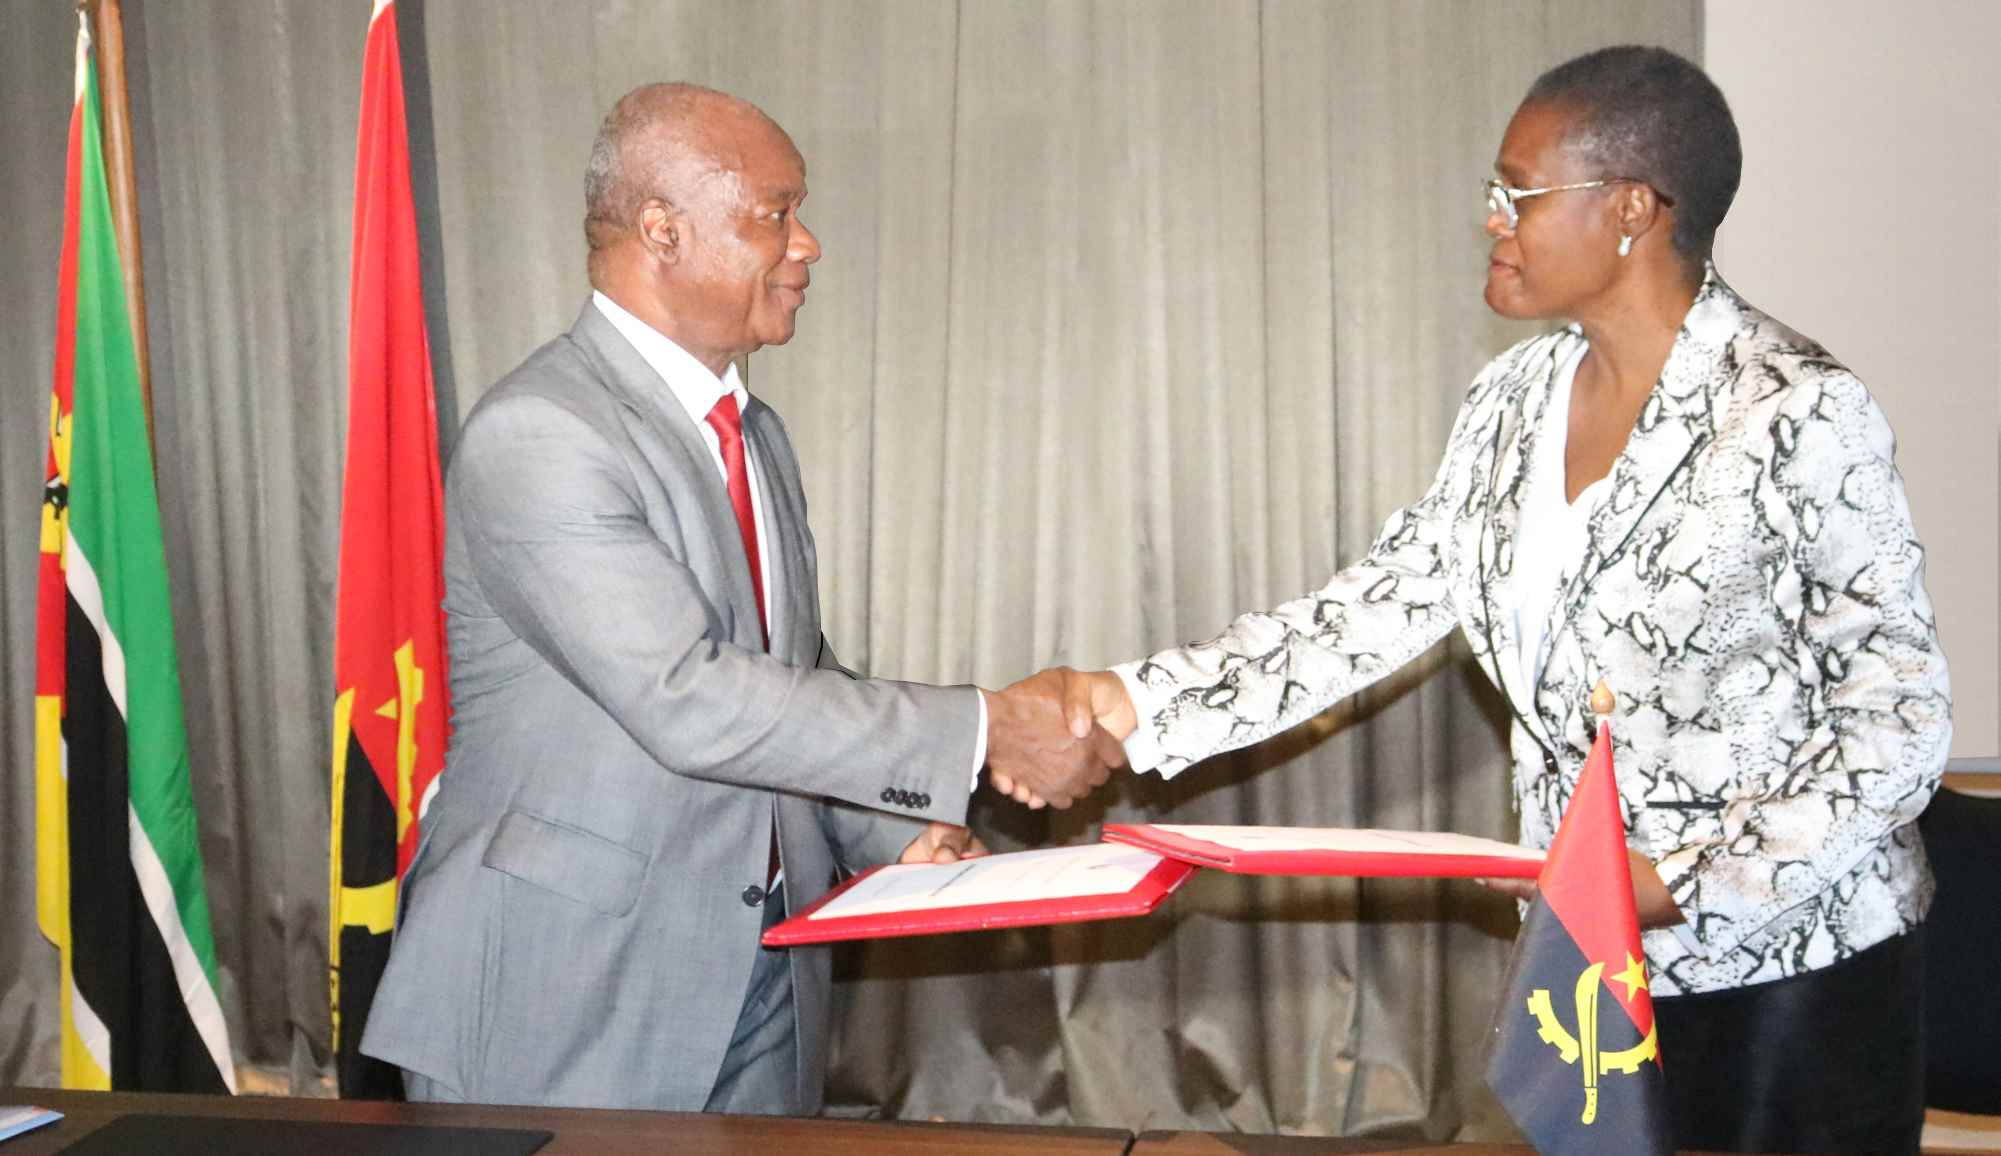 Assinatura Do Acordo De Cooperação Entre Tribunal De Contas De Angola E O Tribunal Administrativo De Moçambique